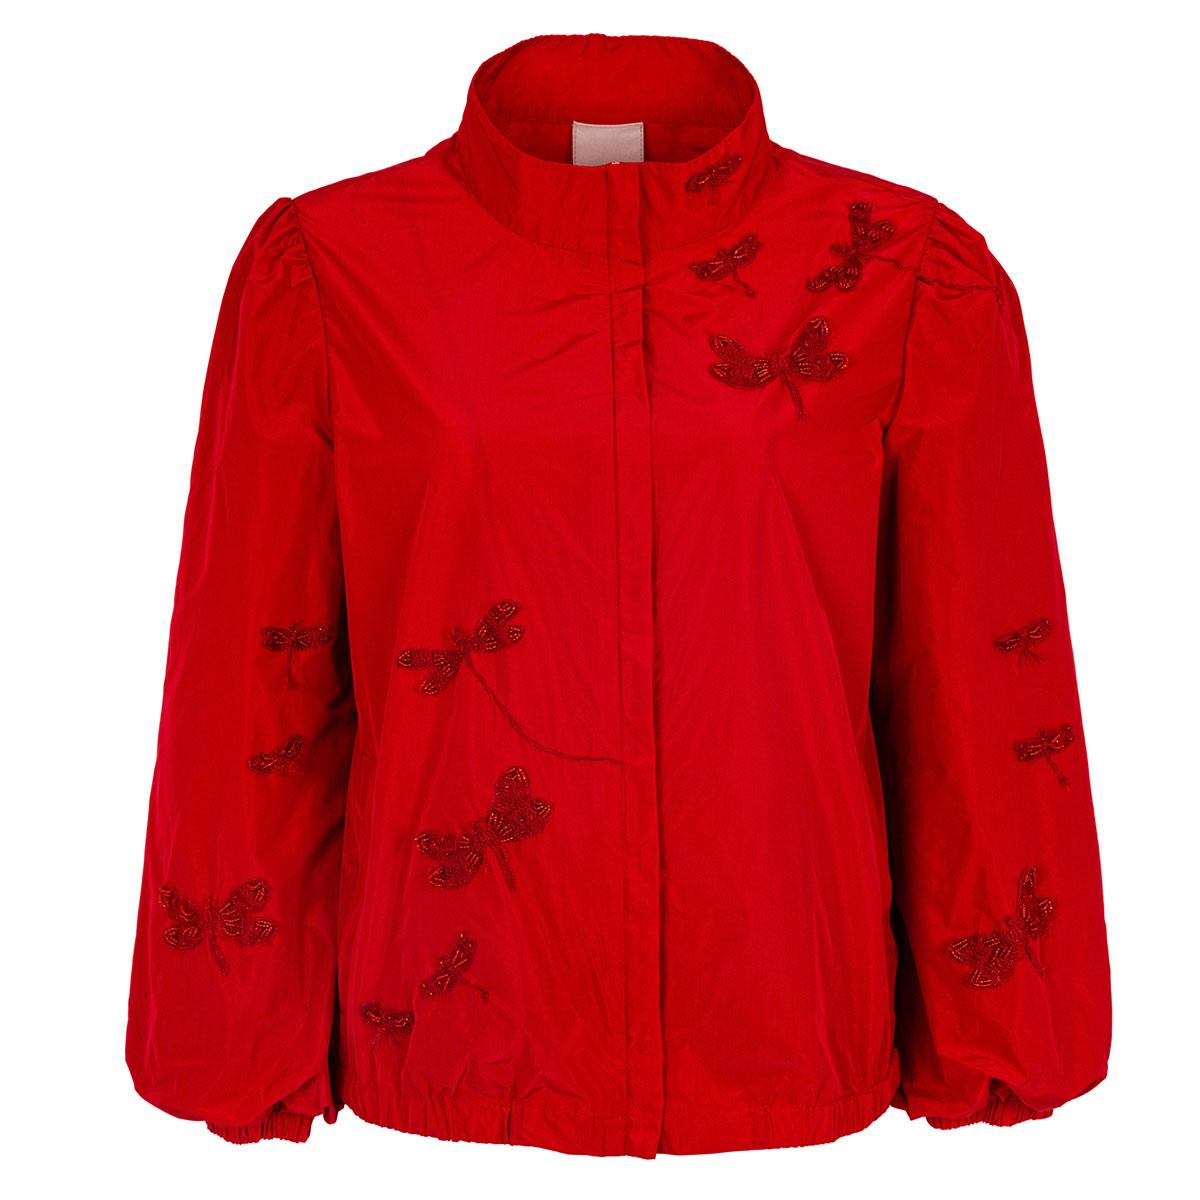 慕詩MOISELLE女式蜻蜓钉珠防风衣短外套5F92111R5